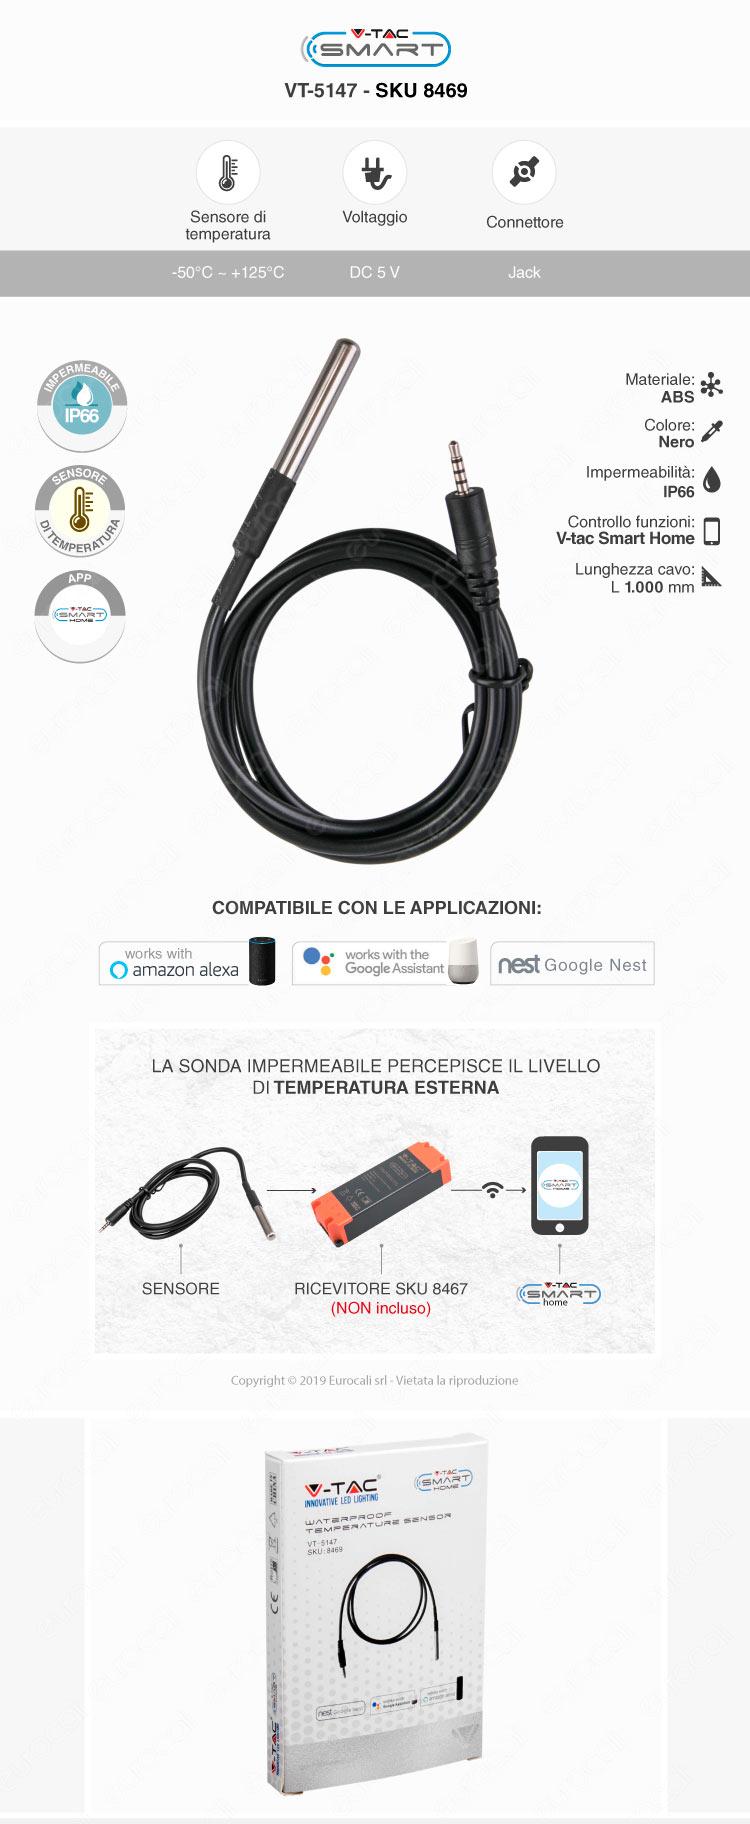 V-Tac Smart VT-5144 RF433 Gateway Compatibile con Amazon Alexa Google Home e Nest - SKU 8466